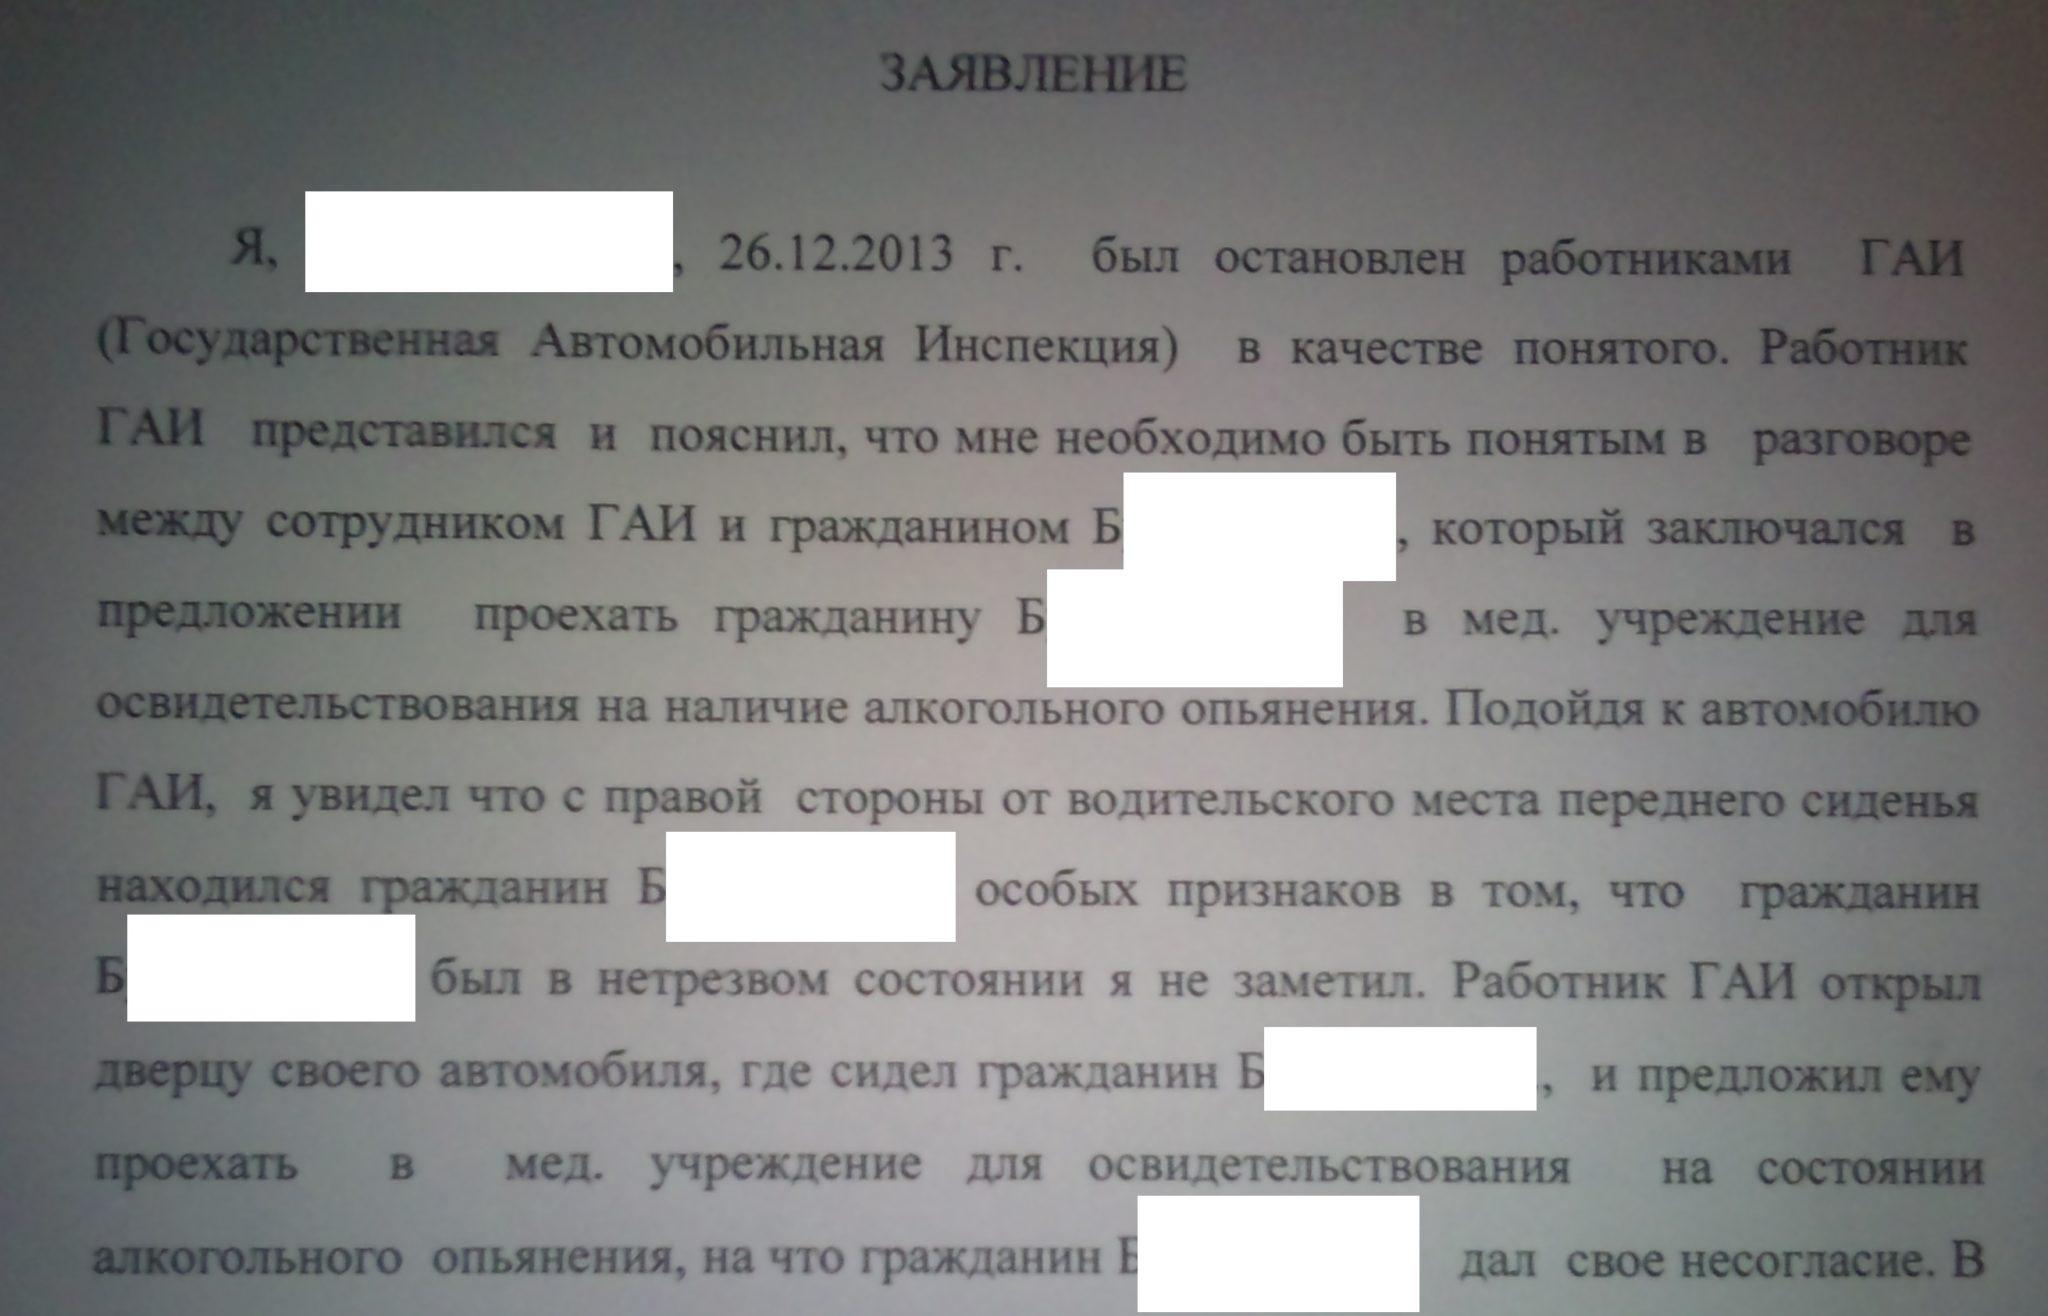 отказ от прохождения освидетельствования на алкоголь - как прекратить дело по статье 18.16 КоАП